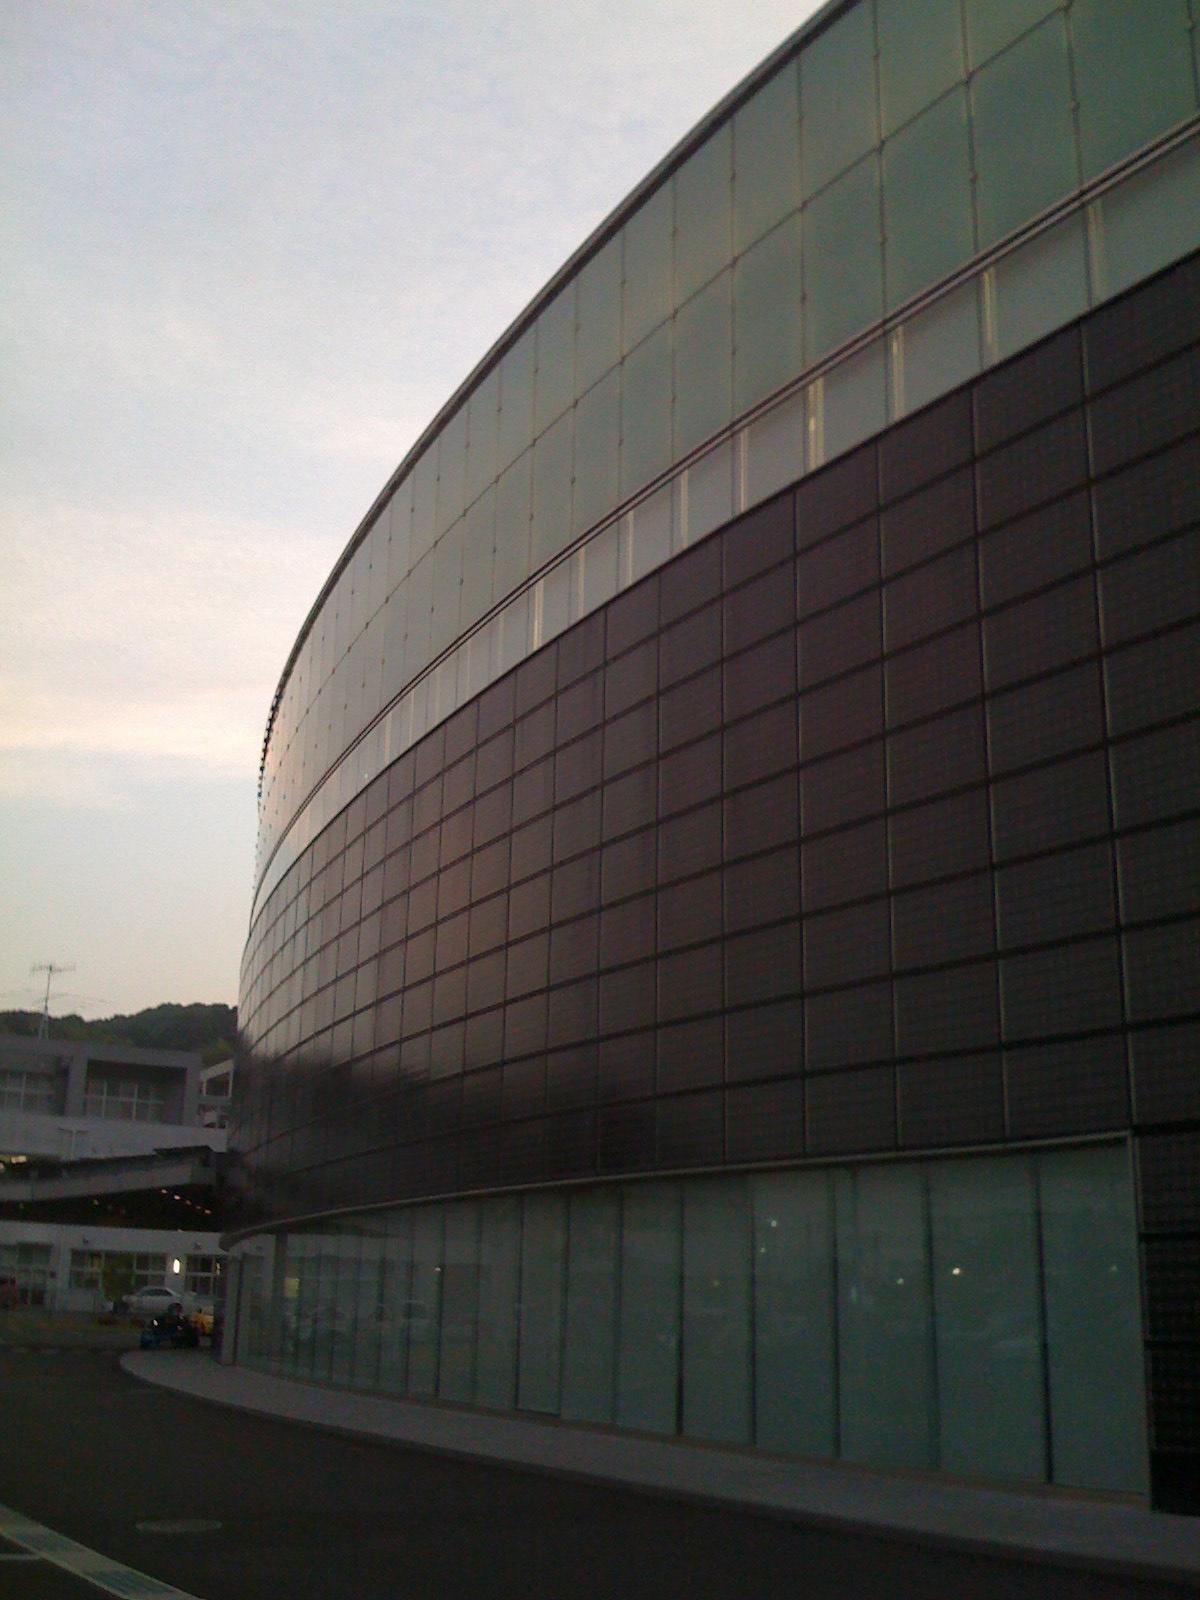 静岡出張_c0166765_16531779.jpg